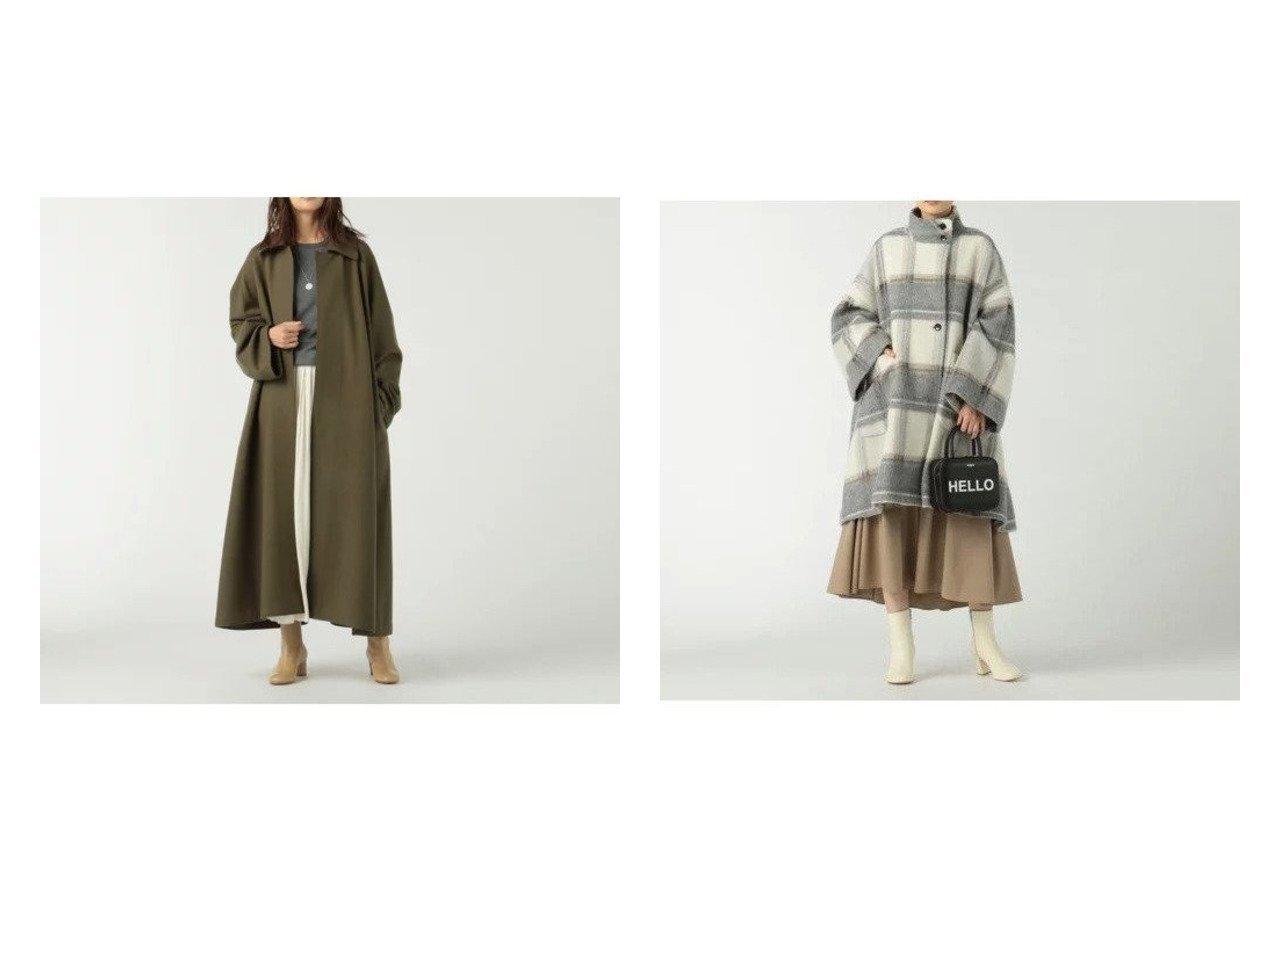 【COGTHEBIGSMOKE/コグ ザビッグスモーク】のRAGLAN COAT&【MICA & DEAL/マイカ ディール】のitally shaggy check coat 【アウター】おすすめ!人気、トレンド・レディースファッションの通販 おすすめで人気の流行・トレンド、ファッションの通販商品 インテリア・家具・メンズファッション・キッズファッション・レディースファッション・服の通販 founy(ファニー) https://founy.com/ ファッション Fashion レディースファッション WOMEN アウター Coat Outerwear コート Coats コレクション ジャージ フラット メルトン ロング 人気 定番 Standard コンパクト スタンド ワイド  ID:crp329100000056376